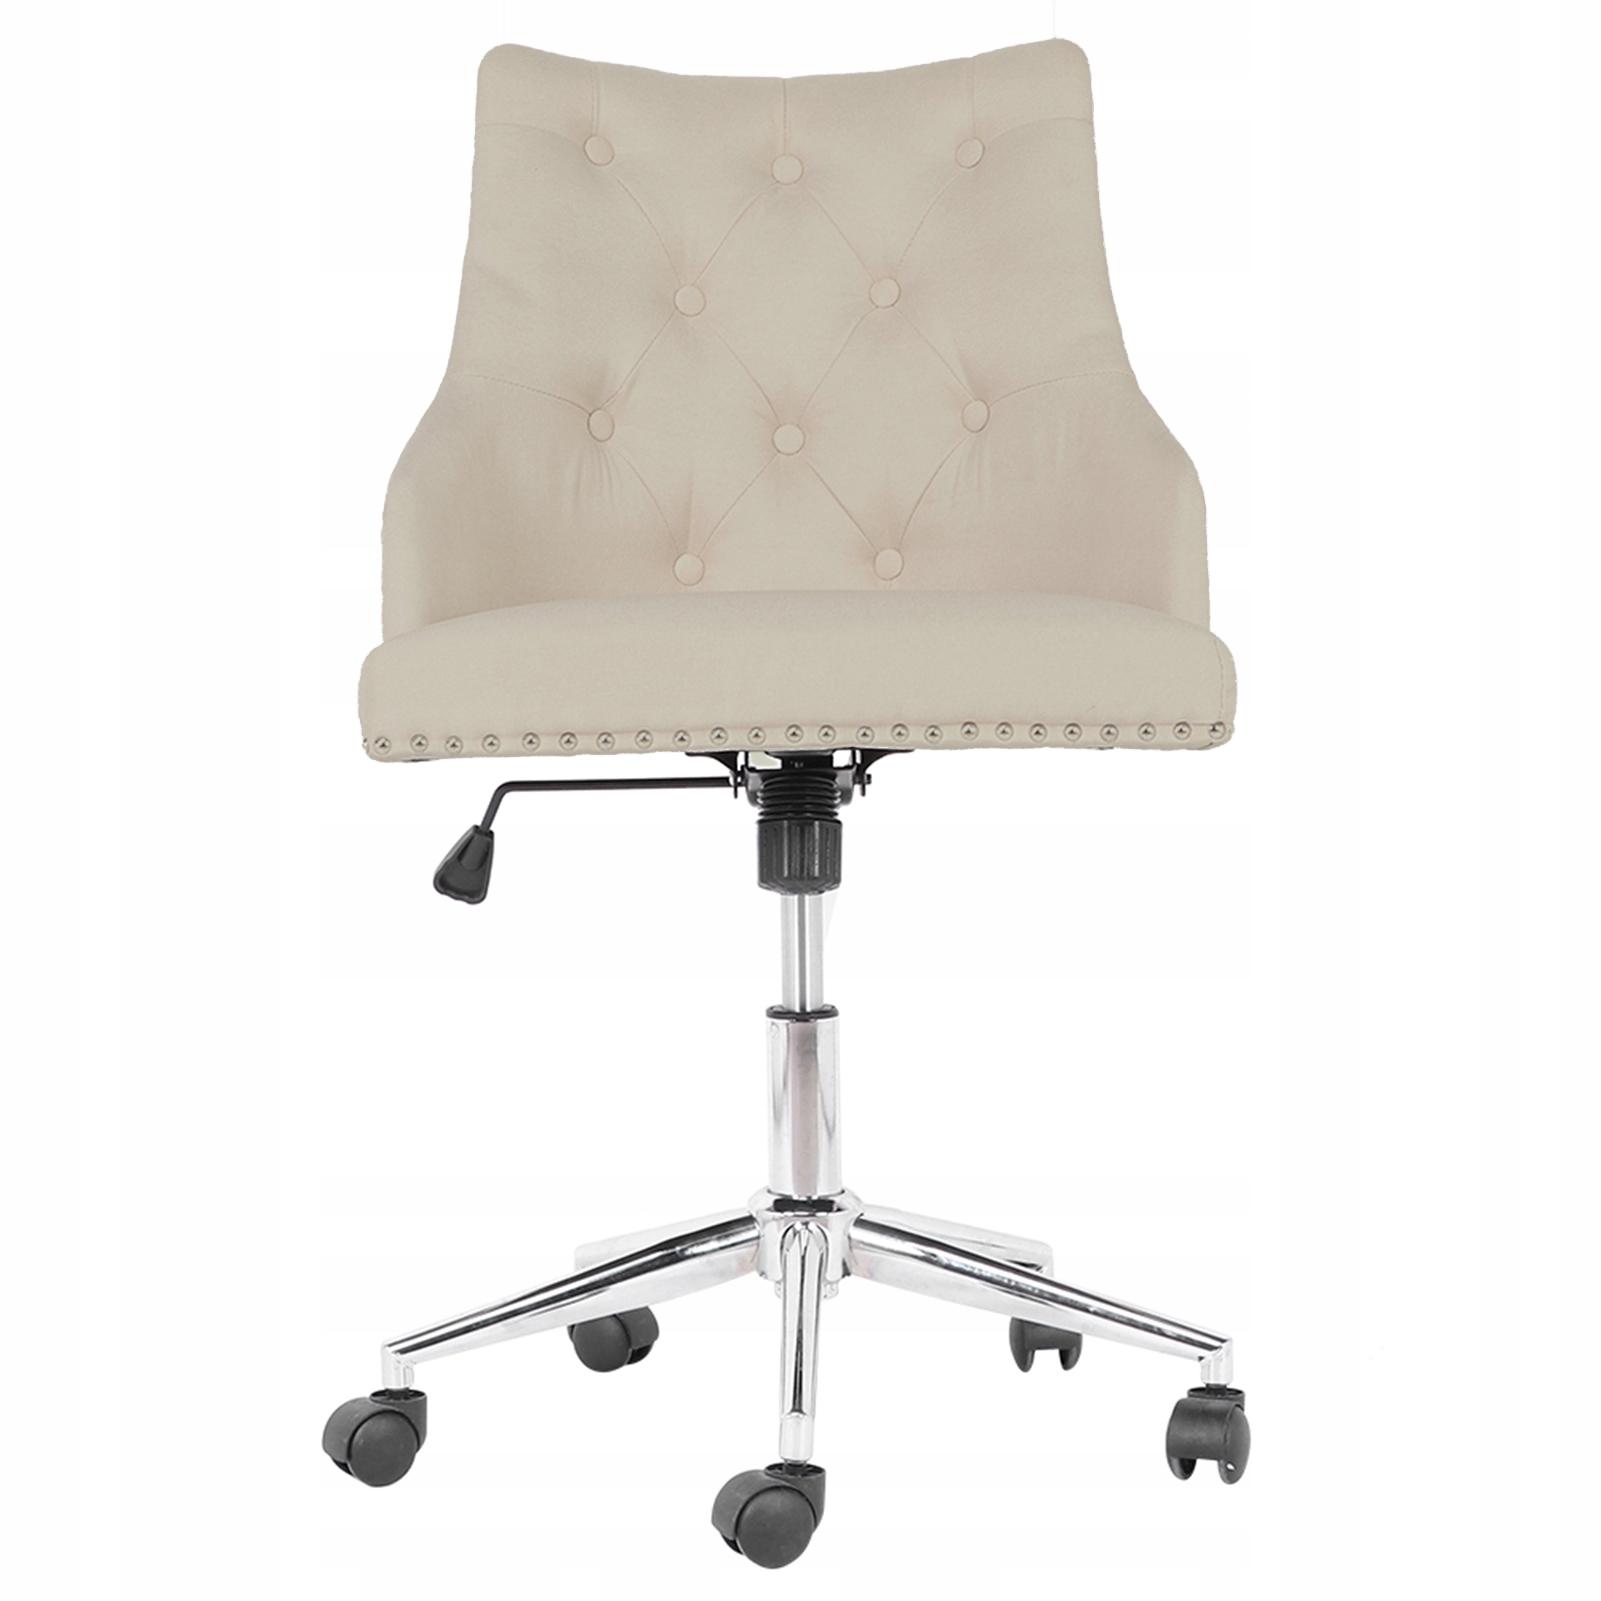 štýlová stolička nastaviteľná s elegantným retro vzhľadom